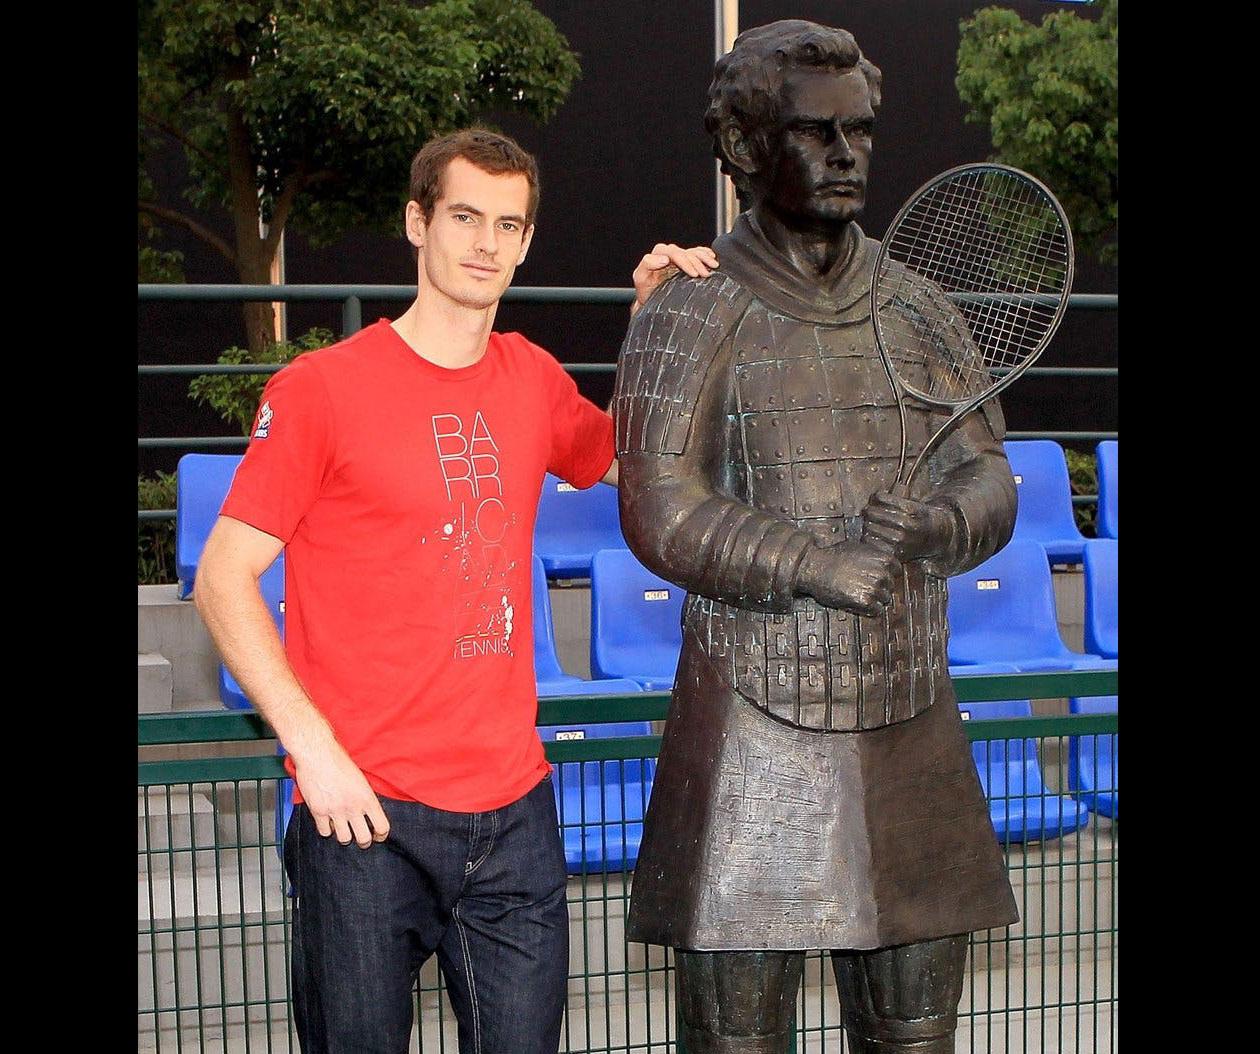 <div>El tenista escocés reveló su escultura en el Shanghai Rolex Masters 2011, en donde decidieron hacer una fusión entre los guerreros terracota y los deportistas. Murray tomó con gracia su escultura sobre la cual, los medios aseguran que se parece más a su madre que a él.</div>